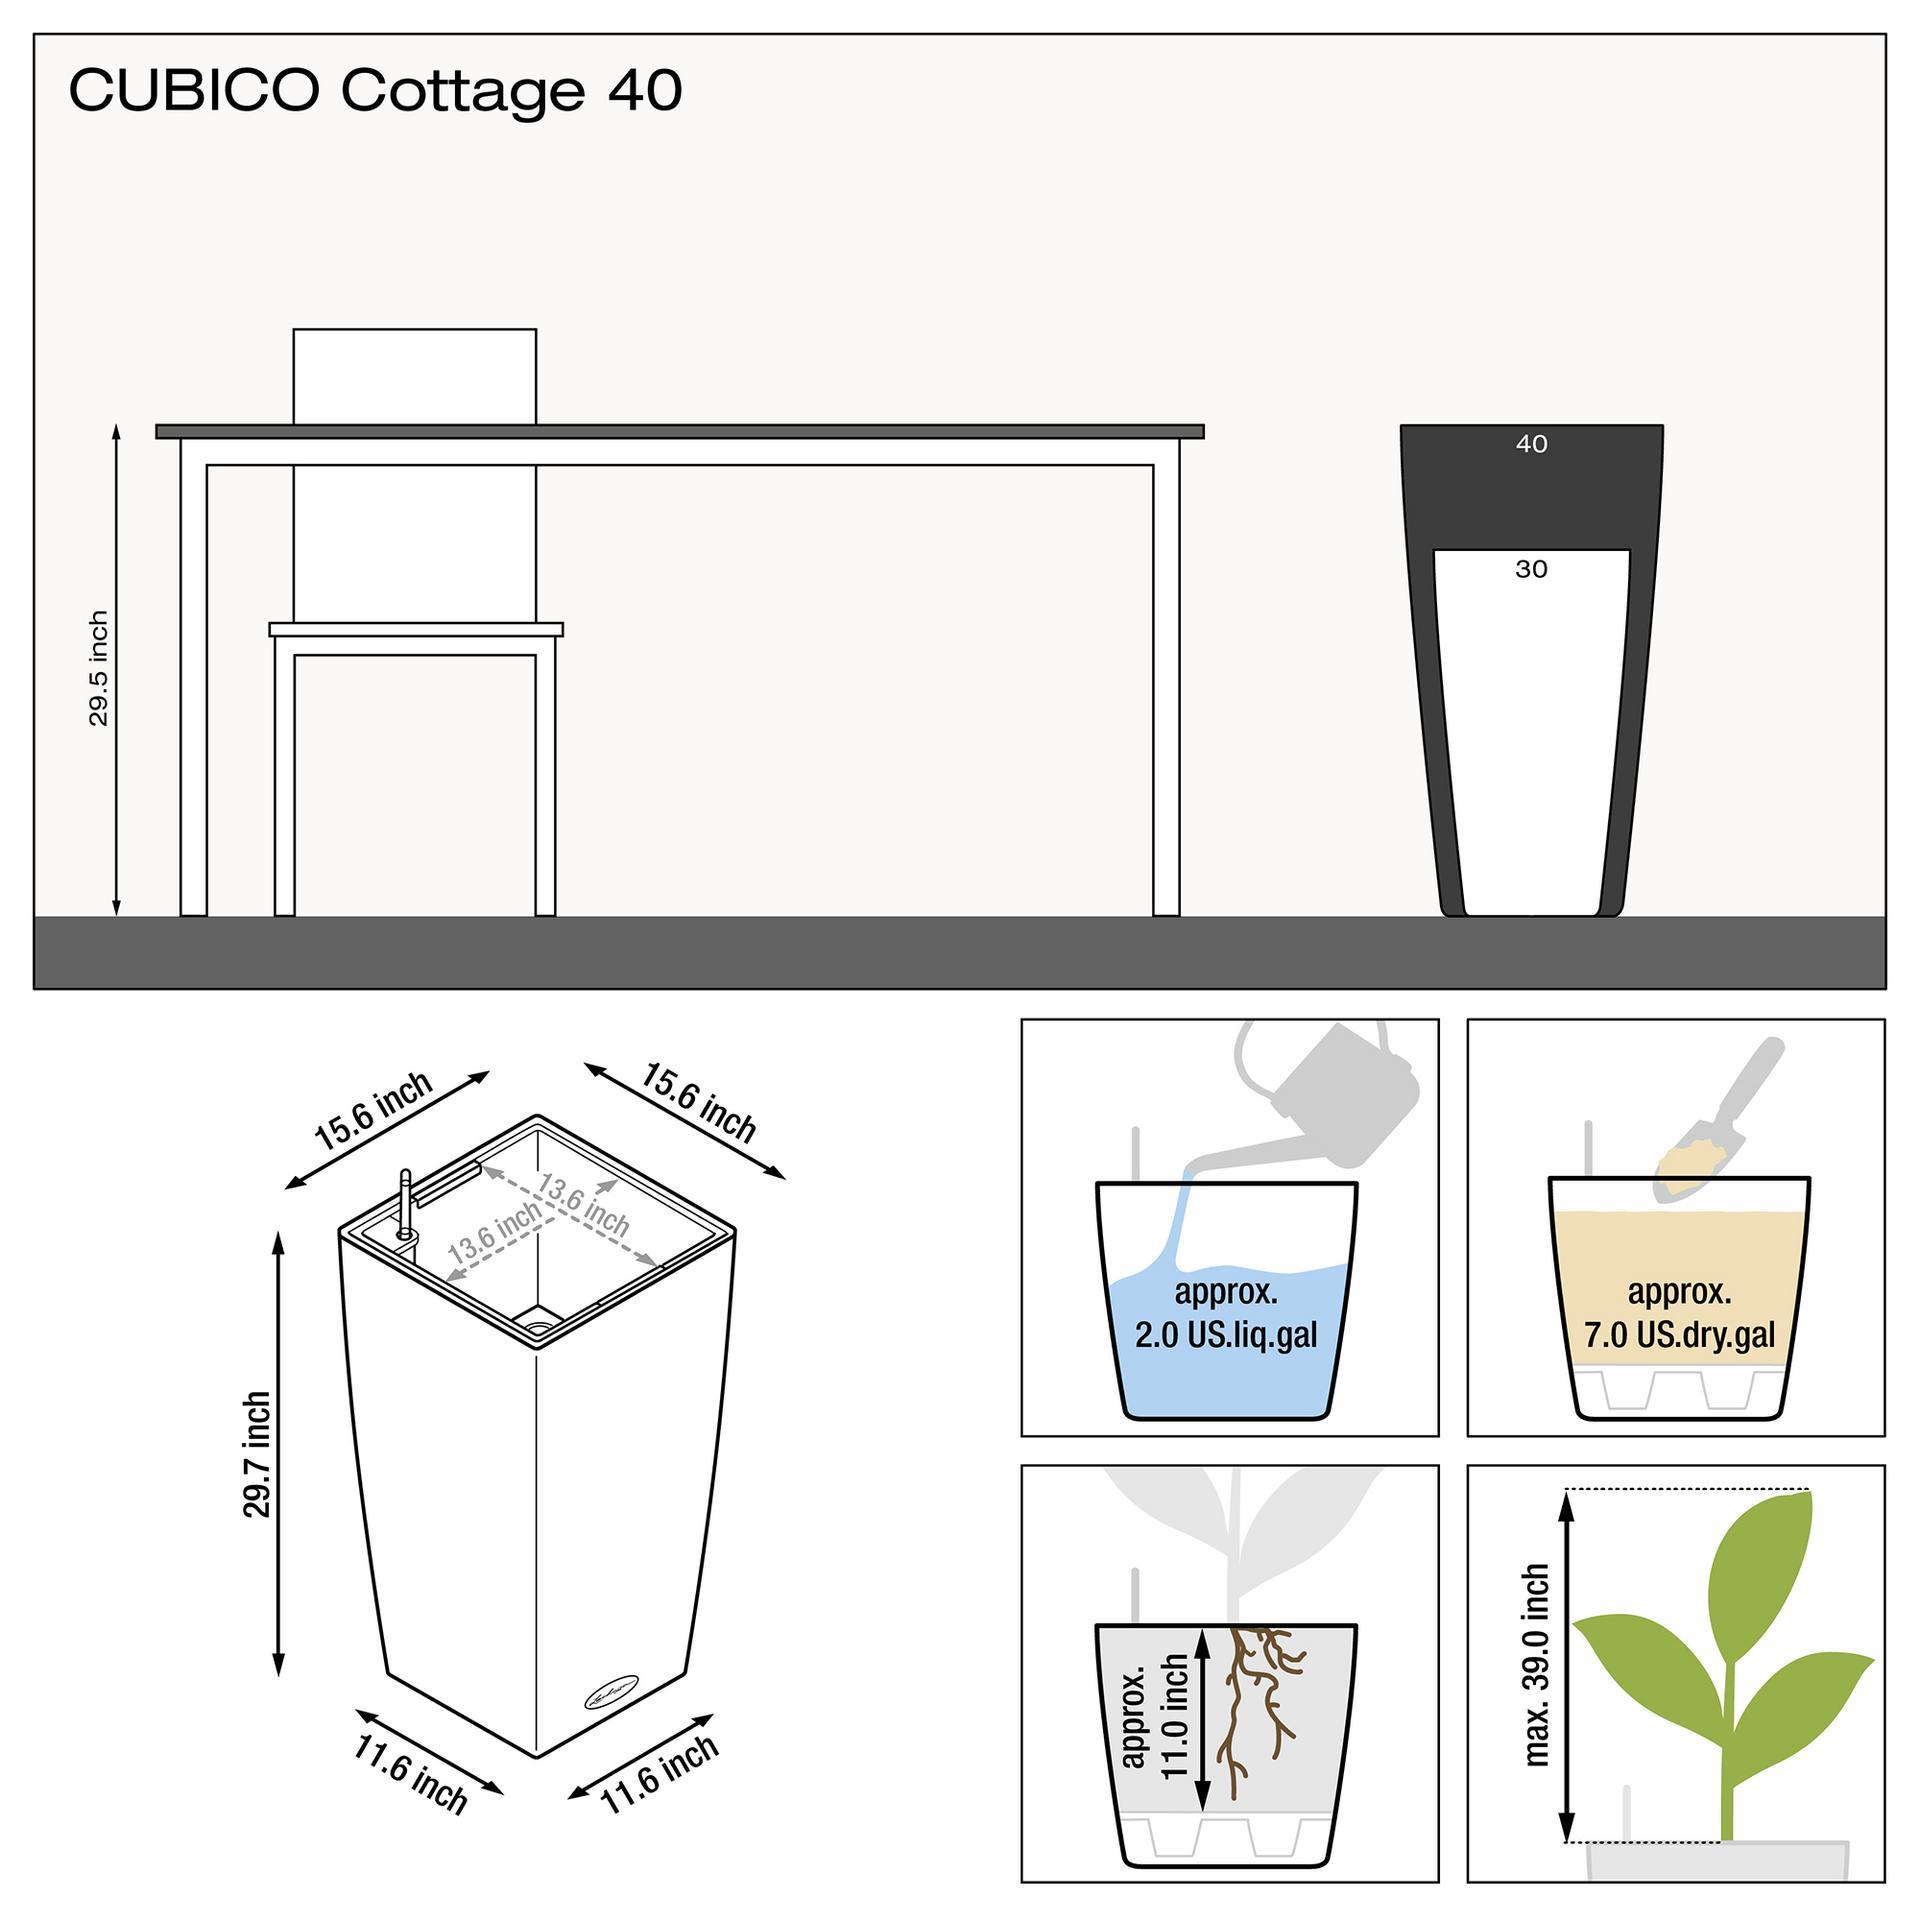 le_cubico-cottage40_product_addi_nz_us